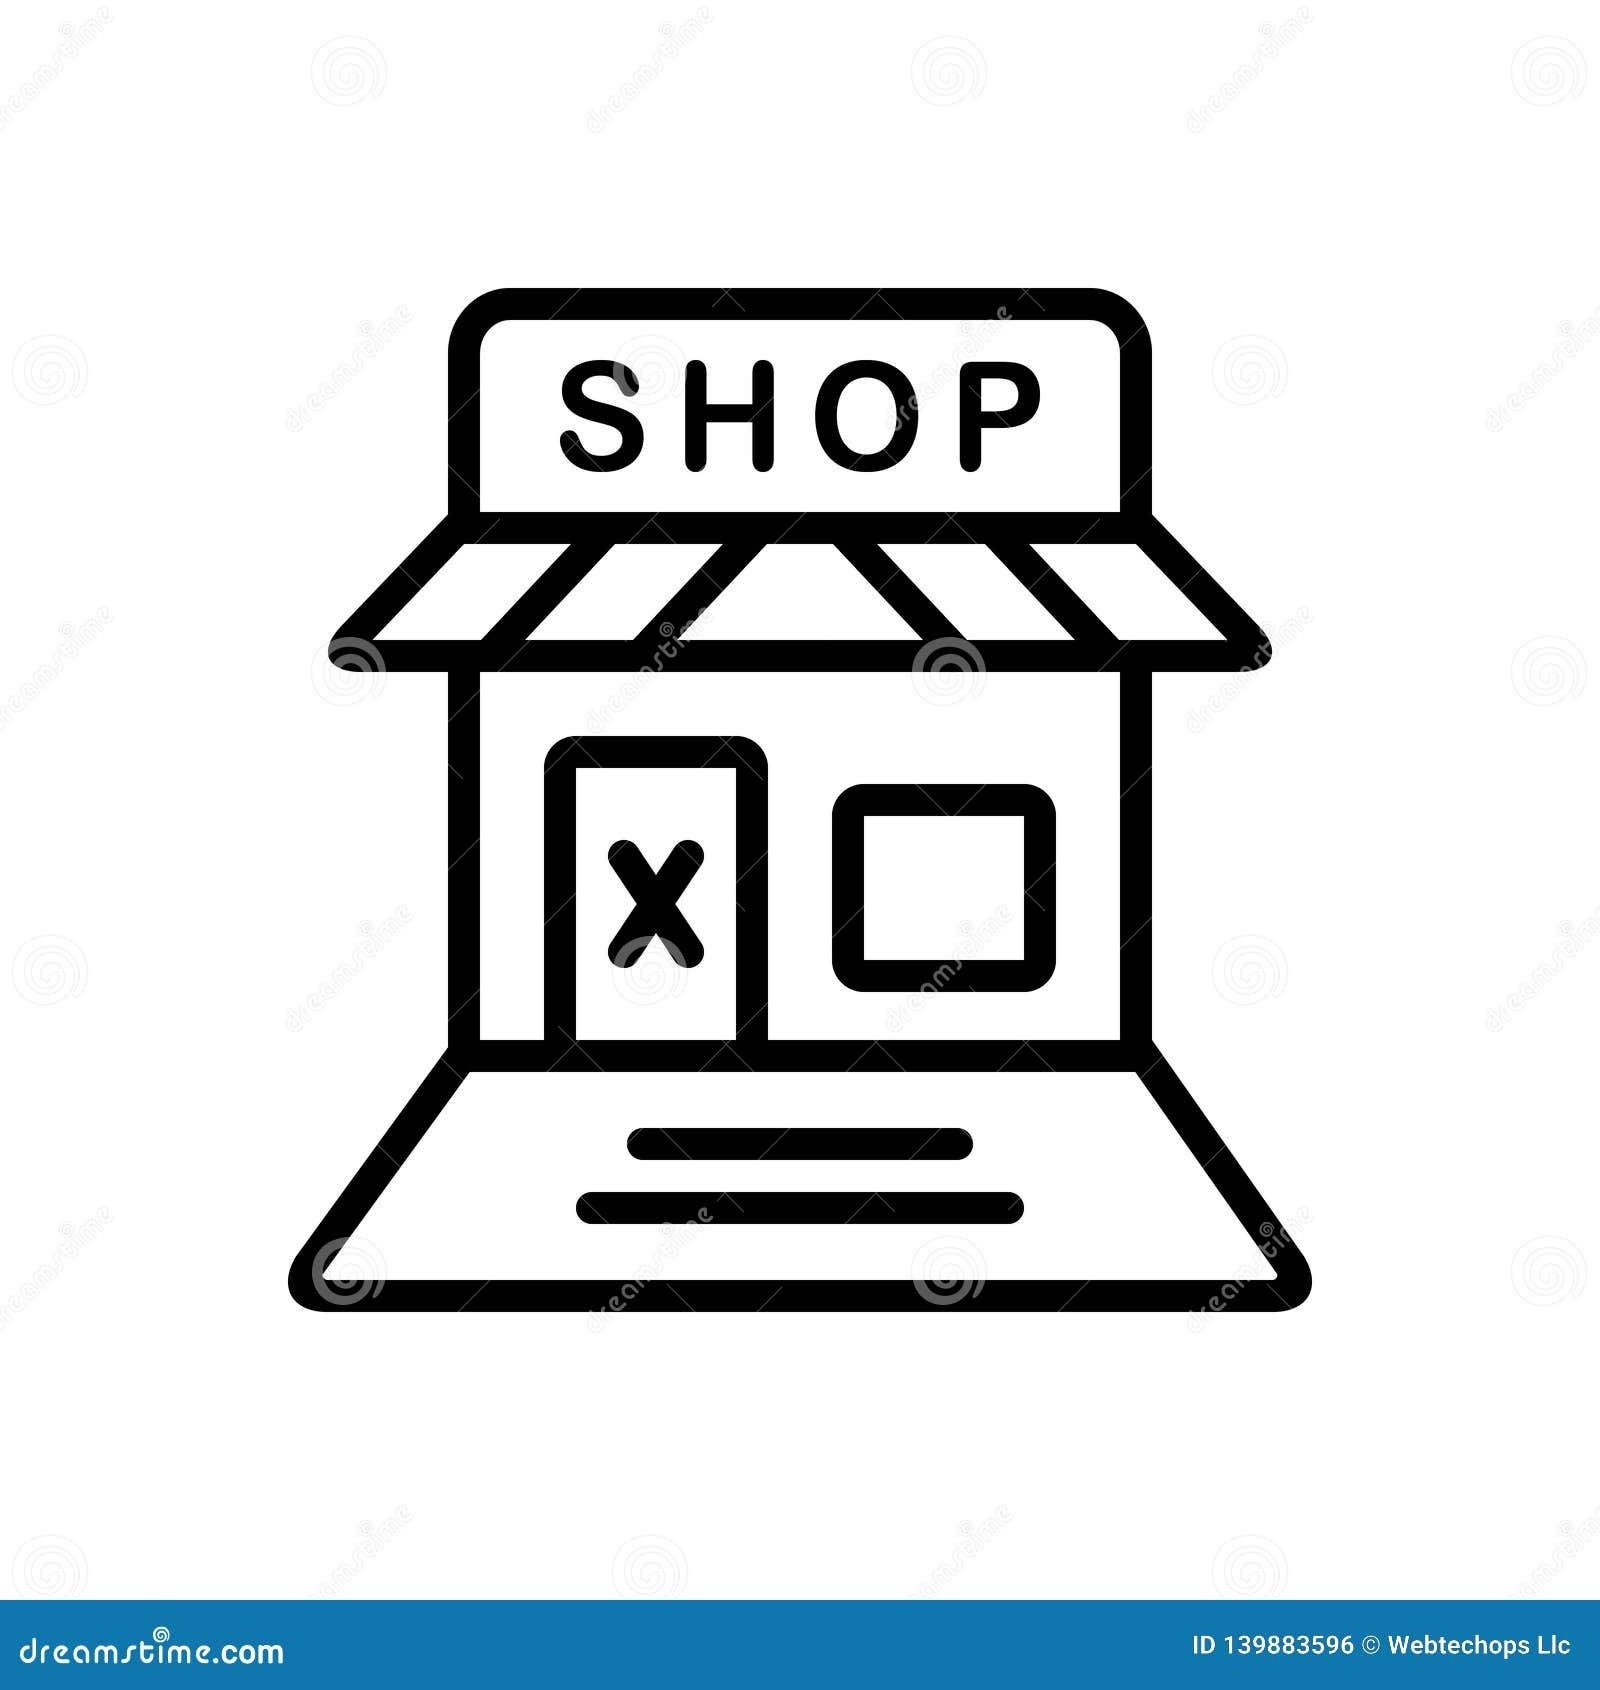 Línea negra icono para la tienda cerrada, la venta al por menor y la tienda